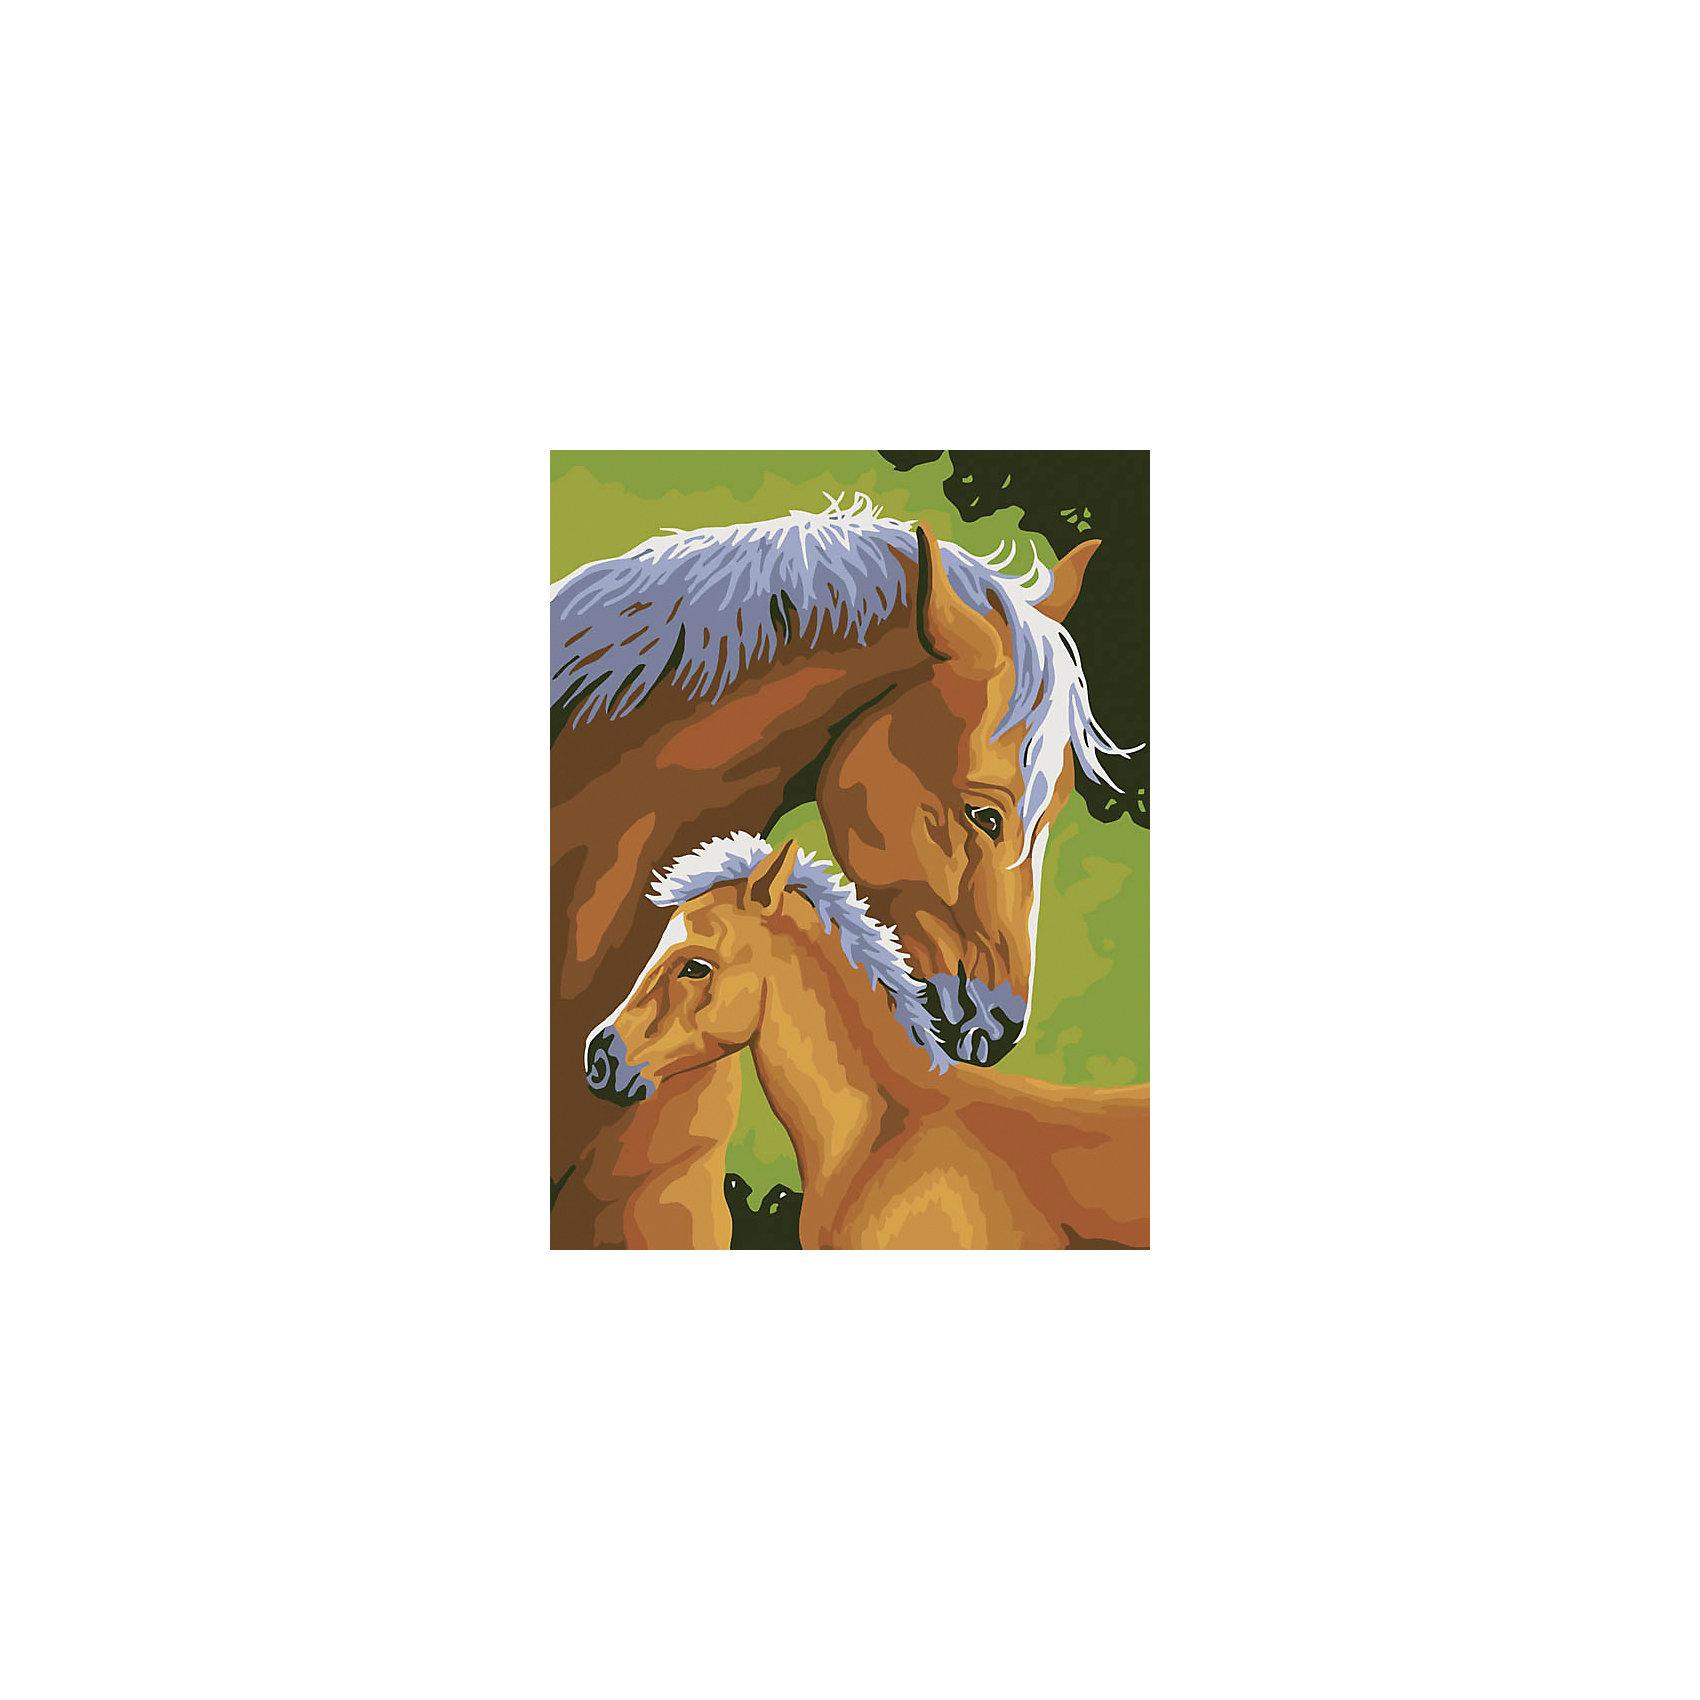 Живопись на холсте 30*40 см Лошадь и жеребенокХарактеристики товара:<br><br>• цвет: разноцветный<br>• материал: акрил, картон<br>• размер: 30 x 40 см<br>• комплектация: полотно на подрамнике с контурами рисунка, пробный лист с рисунком, набор акриловых красок, три кисти, крепление на стену для картины<br>• для детей от шести лет и взрослых<br>• не требует специальных навыков<br>• страна бренда: Китай<br>• страна изготовитель: Китай<br><br>Рисование - это занятие, которое любят многие дети и взрослые. Оно помогает развить важные навыки и просто приносит удовольствие! Чтобы вселить в ребенка уверенность в своих силах, можно предложить ему этот набор - в нем уже есть сюжет, контуры рисунка и участки с номерами, которые обозначают определенную краску из набора. Все оттенки уже готовы, задача художника - аккуратно, с помощью кисточек из набора, нанести краски на определенный участок полотна.<br>Взрослым также понравится этот процесс, рисовать можно и вместе с малышом! В итоге получается красивая картина, которой можно украсить интерьер. Рисование способствует развитию мелкой моторики, воображения, цветовосприятия, творческих способностей и усидчивости. Набор отлично проработан, сделан из качественных и проверенных материалов, которые безопасны для детей. Краски - акриловые, они быстро сохнут и легко смываются с кожи.<br><br>Живопись на холсте 30*40 см Лошадь и жеребенок от торговой марки Белоснежка можно купить в нашем интернет-магазине.<br><br>Ширина мм: 410<br>Глубина мм: 310<br>Высота мм: 25<br>Вес г: 567<br>Возраст от месяцев: 72<br>Возраст до месяцев: 144<br>Пол: Унисекс<br>Возраст: Детский<br>SKU: 5089677